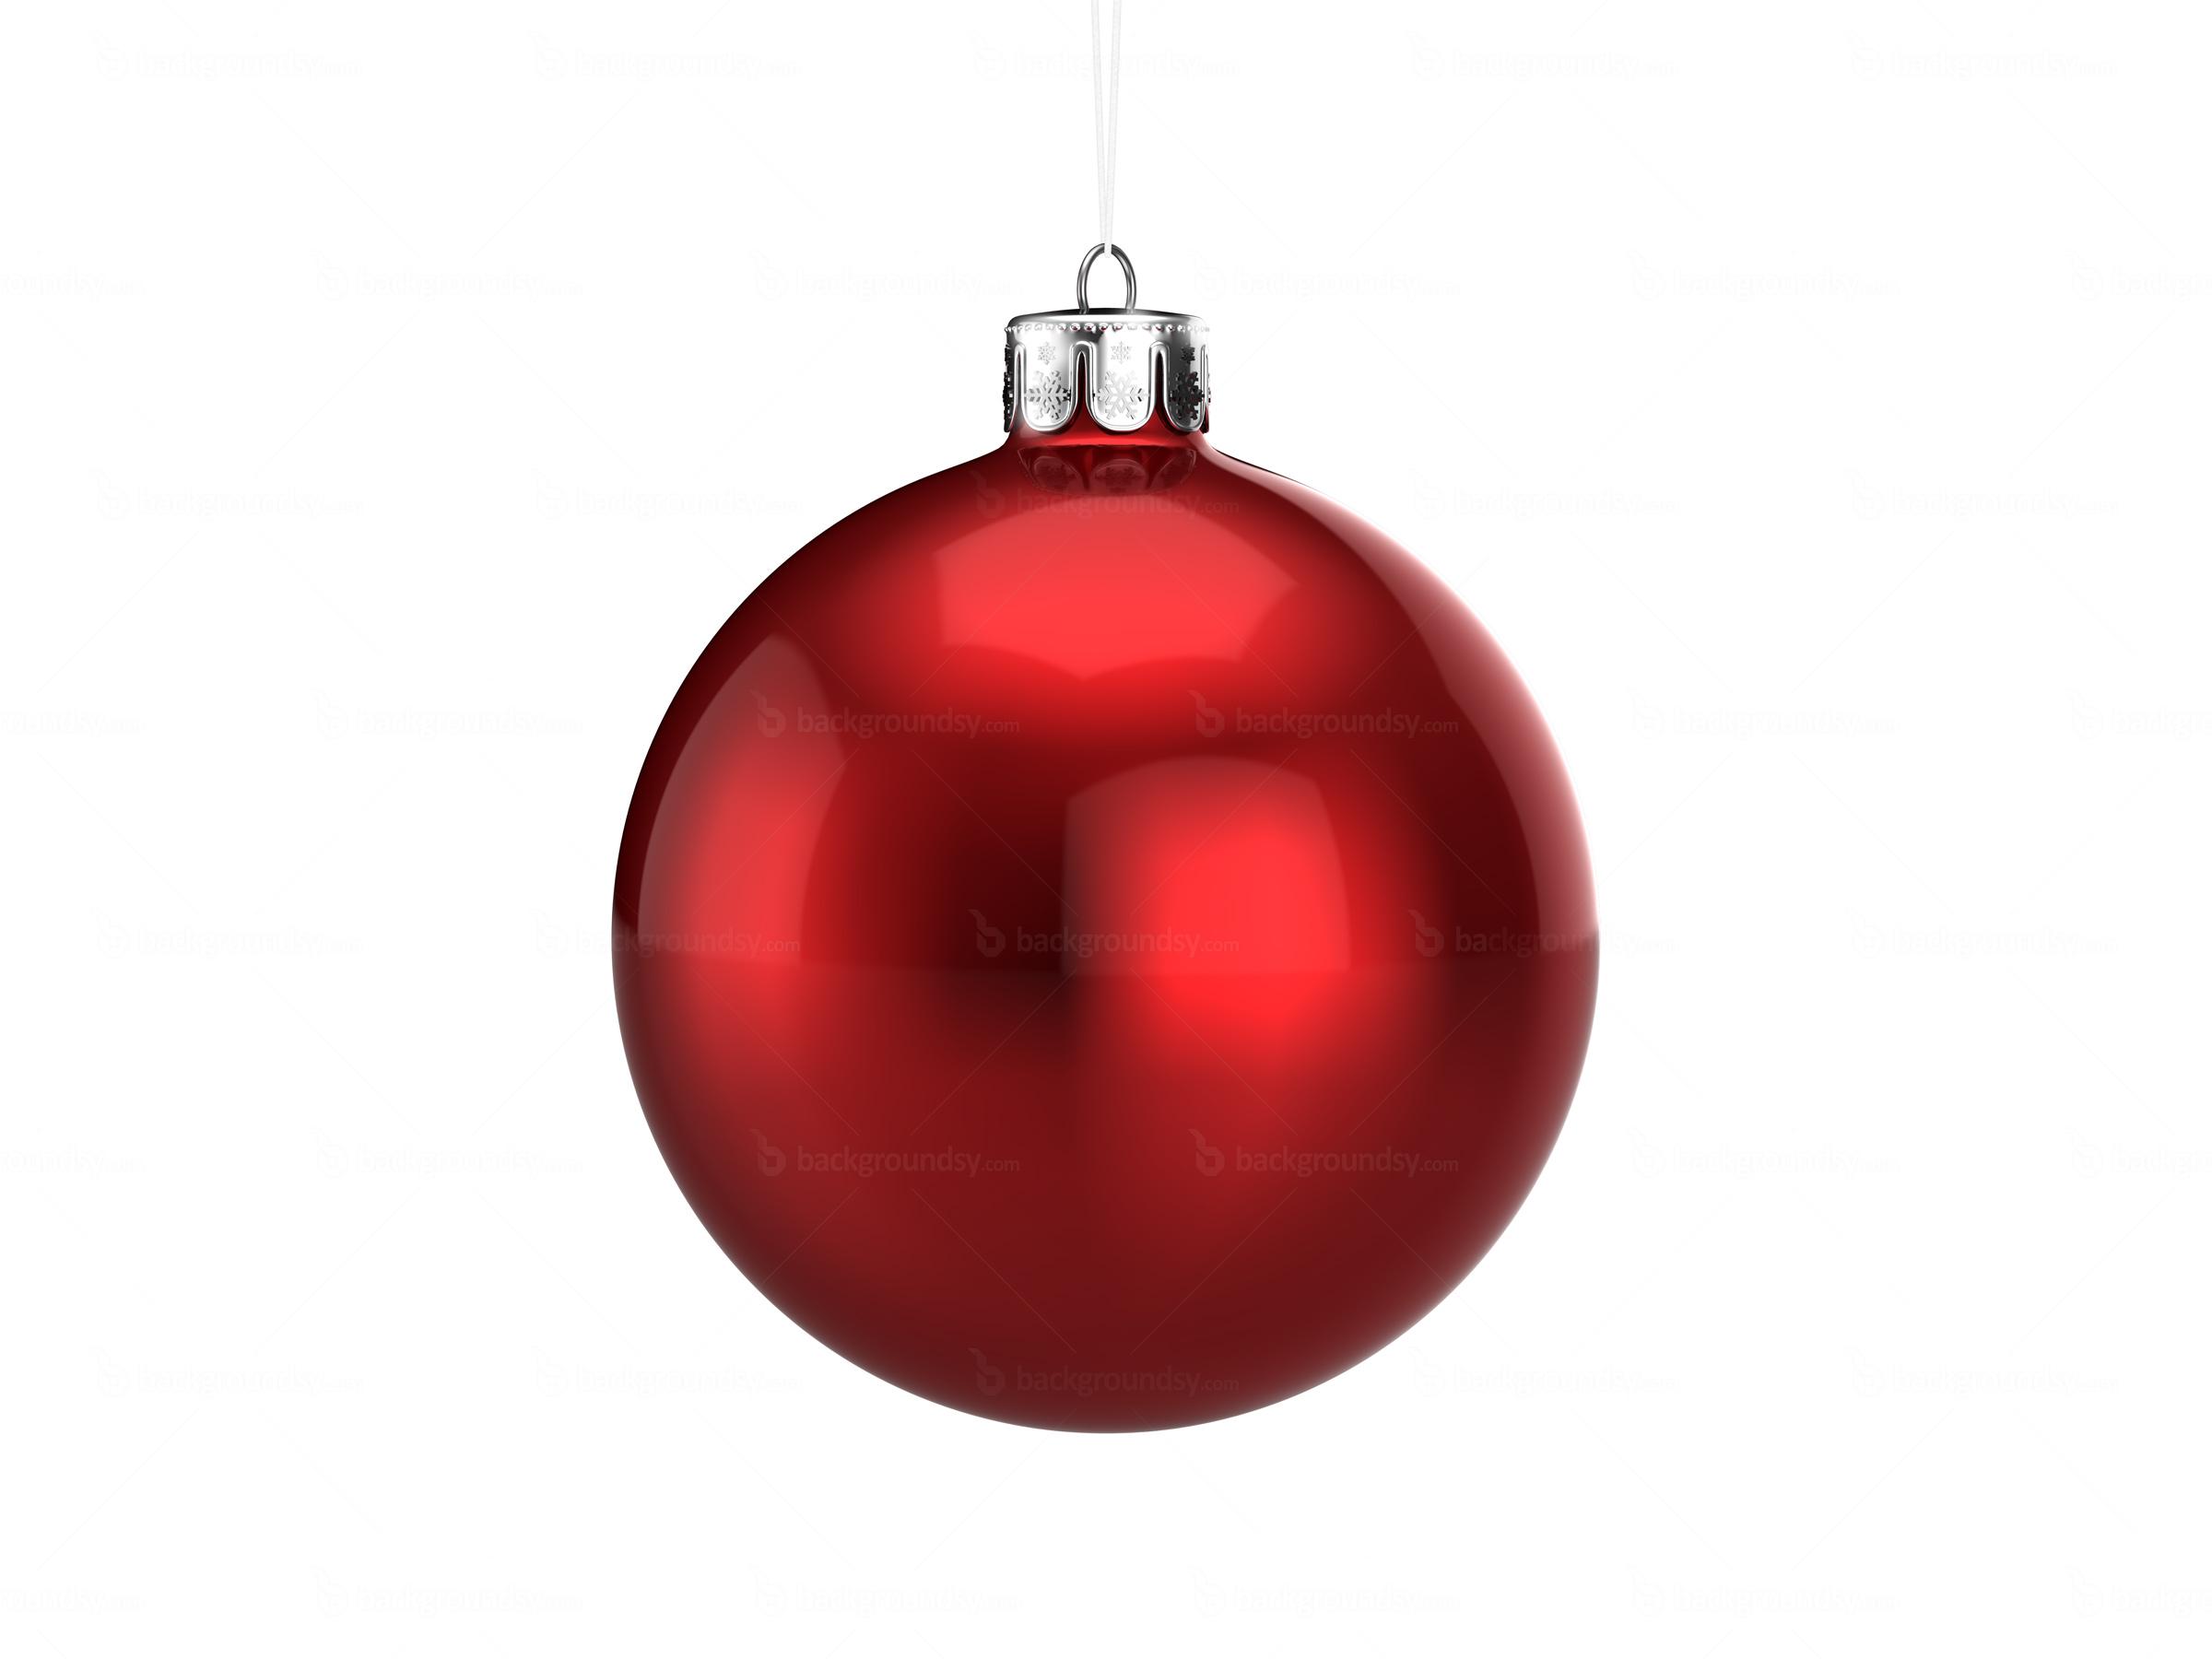 Christmas Ball PNG - 16827